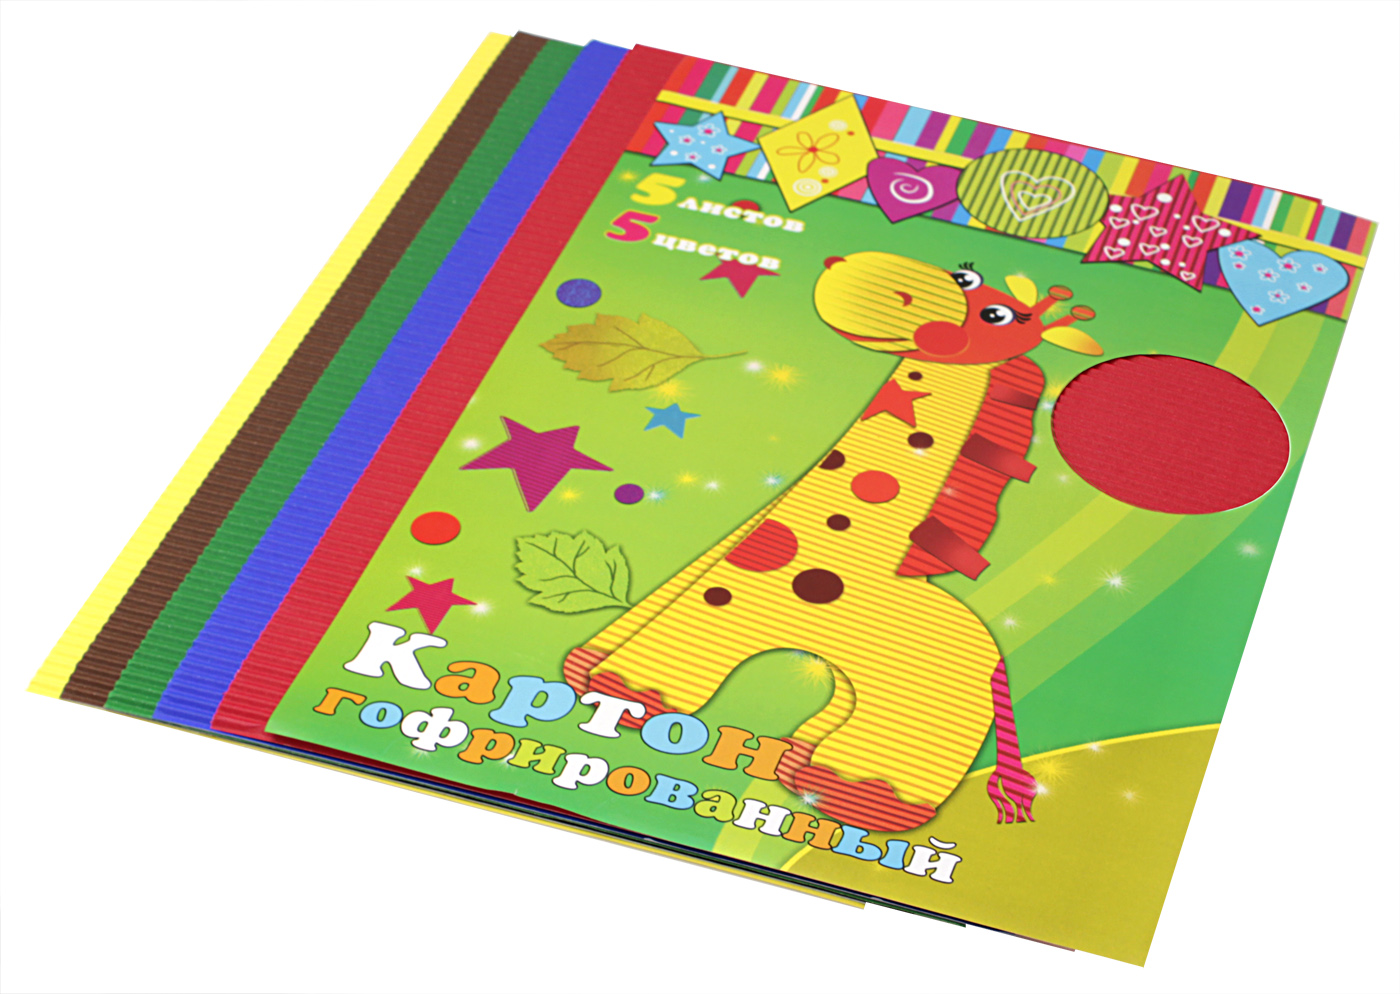 Феникс+ Гофрированный цветной картон 5 листов72523WDНабор гофрированного цветного картона Феникс+ позволит создавать всевозможные аппликации и поделки. Набор включает 5 листов гофрированного двухстороннего картона формата А4. Цвета в наборе: малиновый, оранжевый, желтый, зеленый, синий.Гофрированный картон может использоваться для упаковки, поделок, декорирования и других видов творчества. Толщина картона: 1 мм.